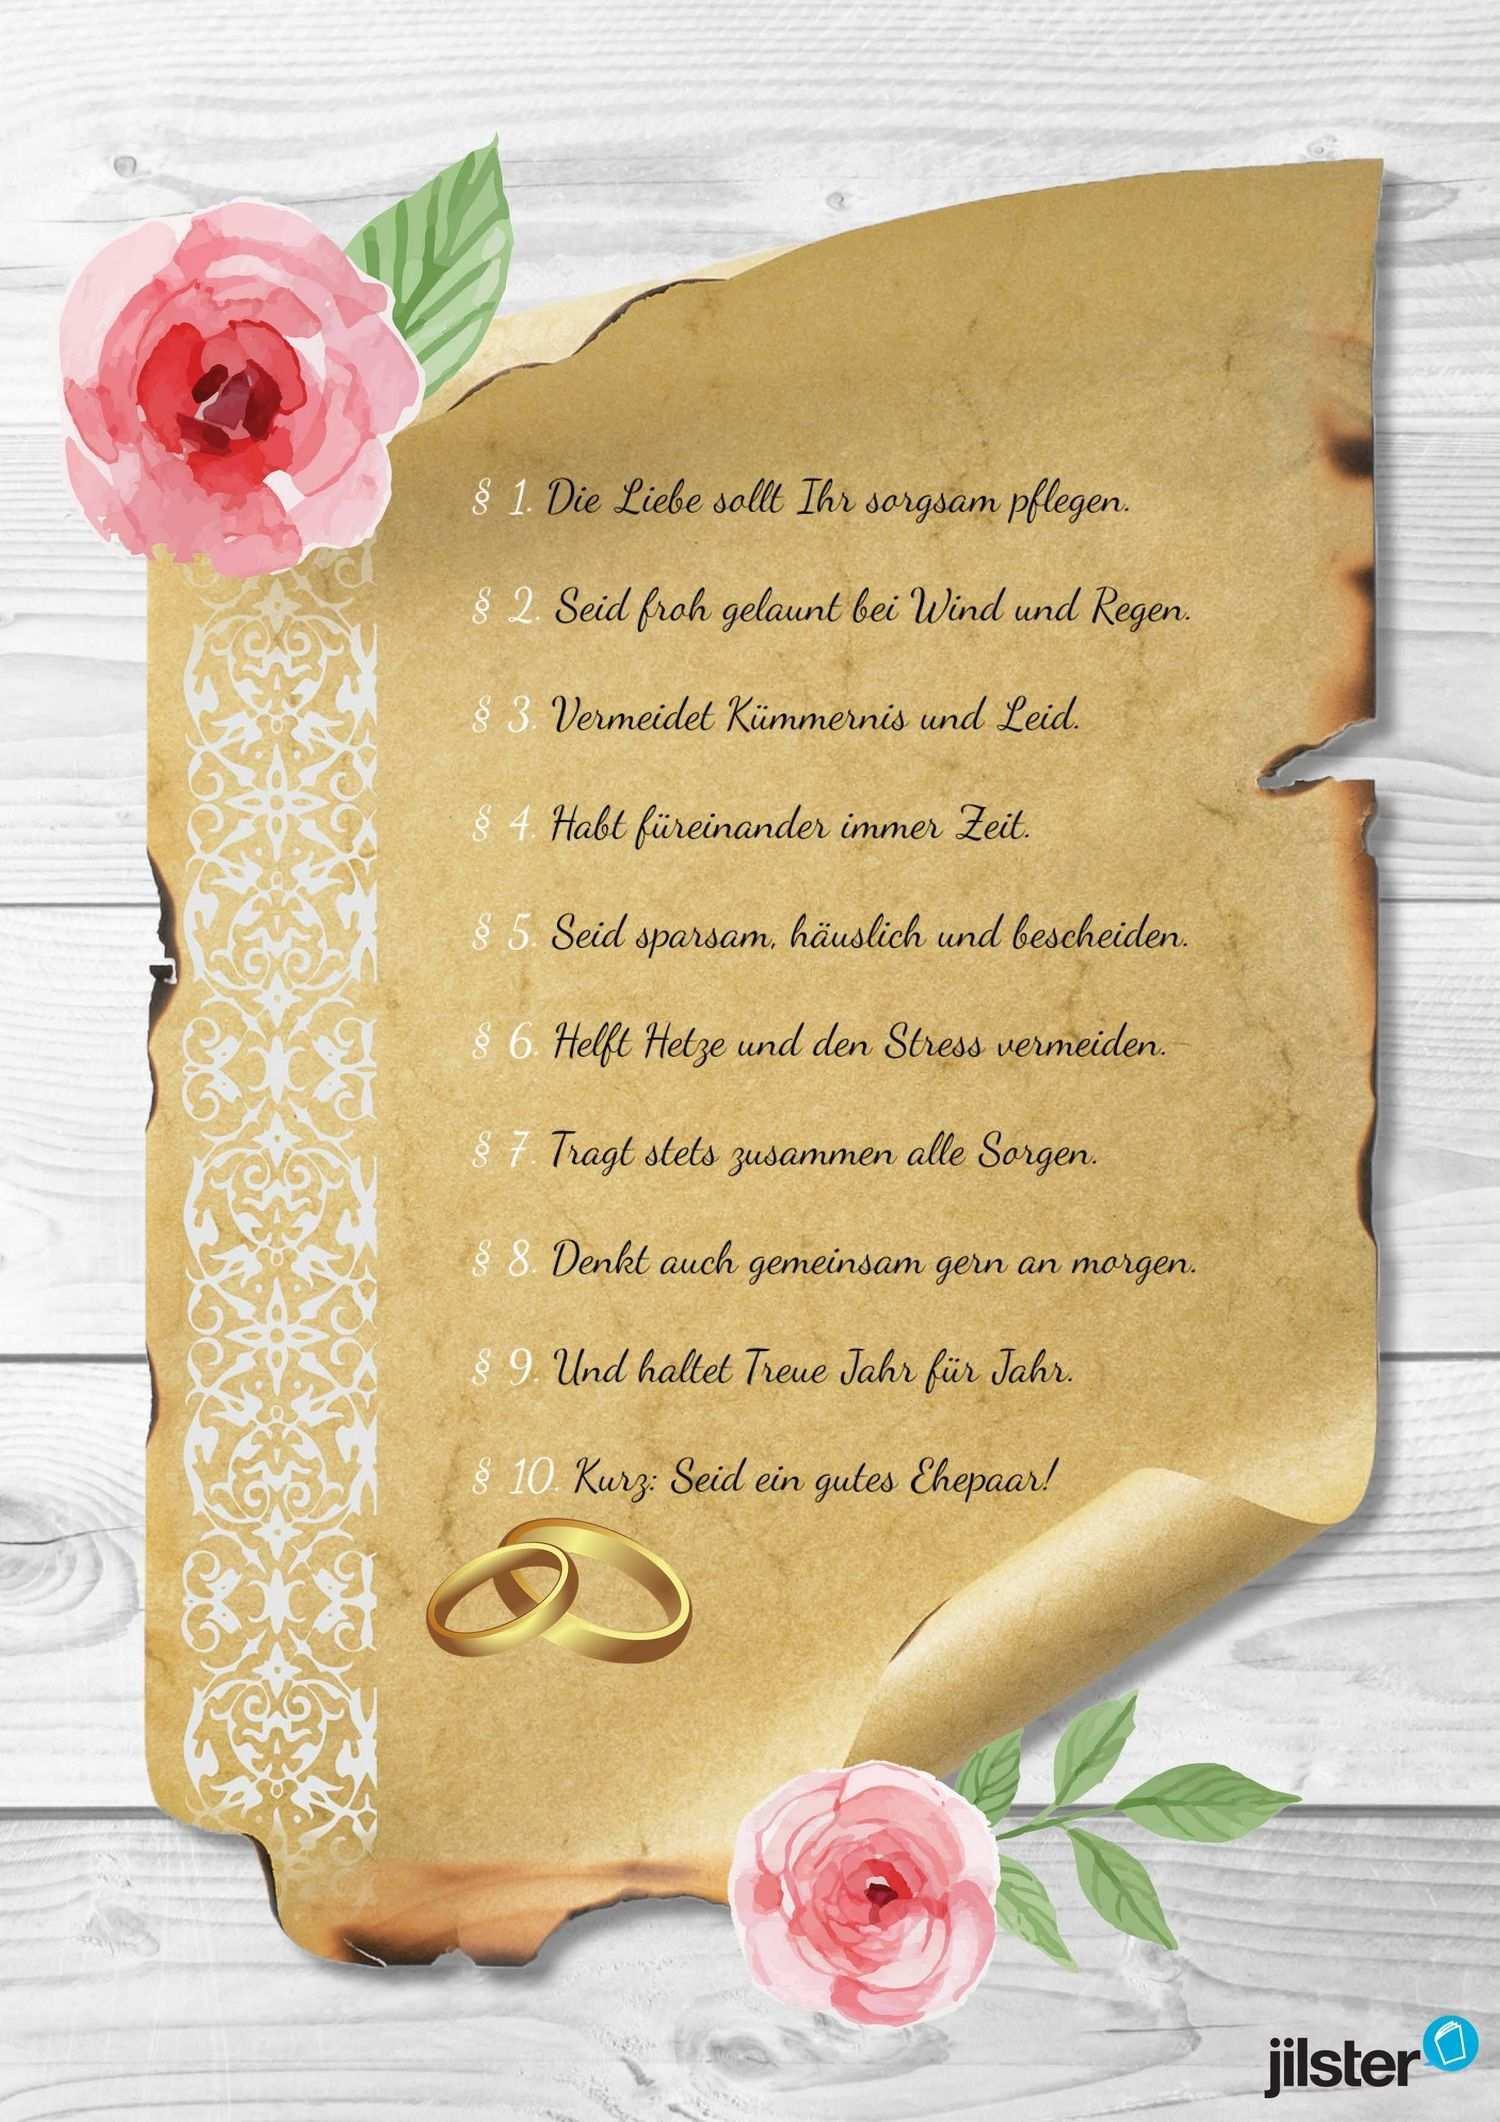 Ehegesetz Fur Die Hochzeitszeitung Jilster Blog Hochzeitszeitung Hochzeitszeitung Ideen Hochzeitsgeschenk